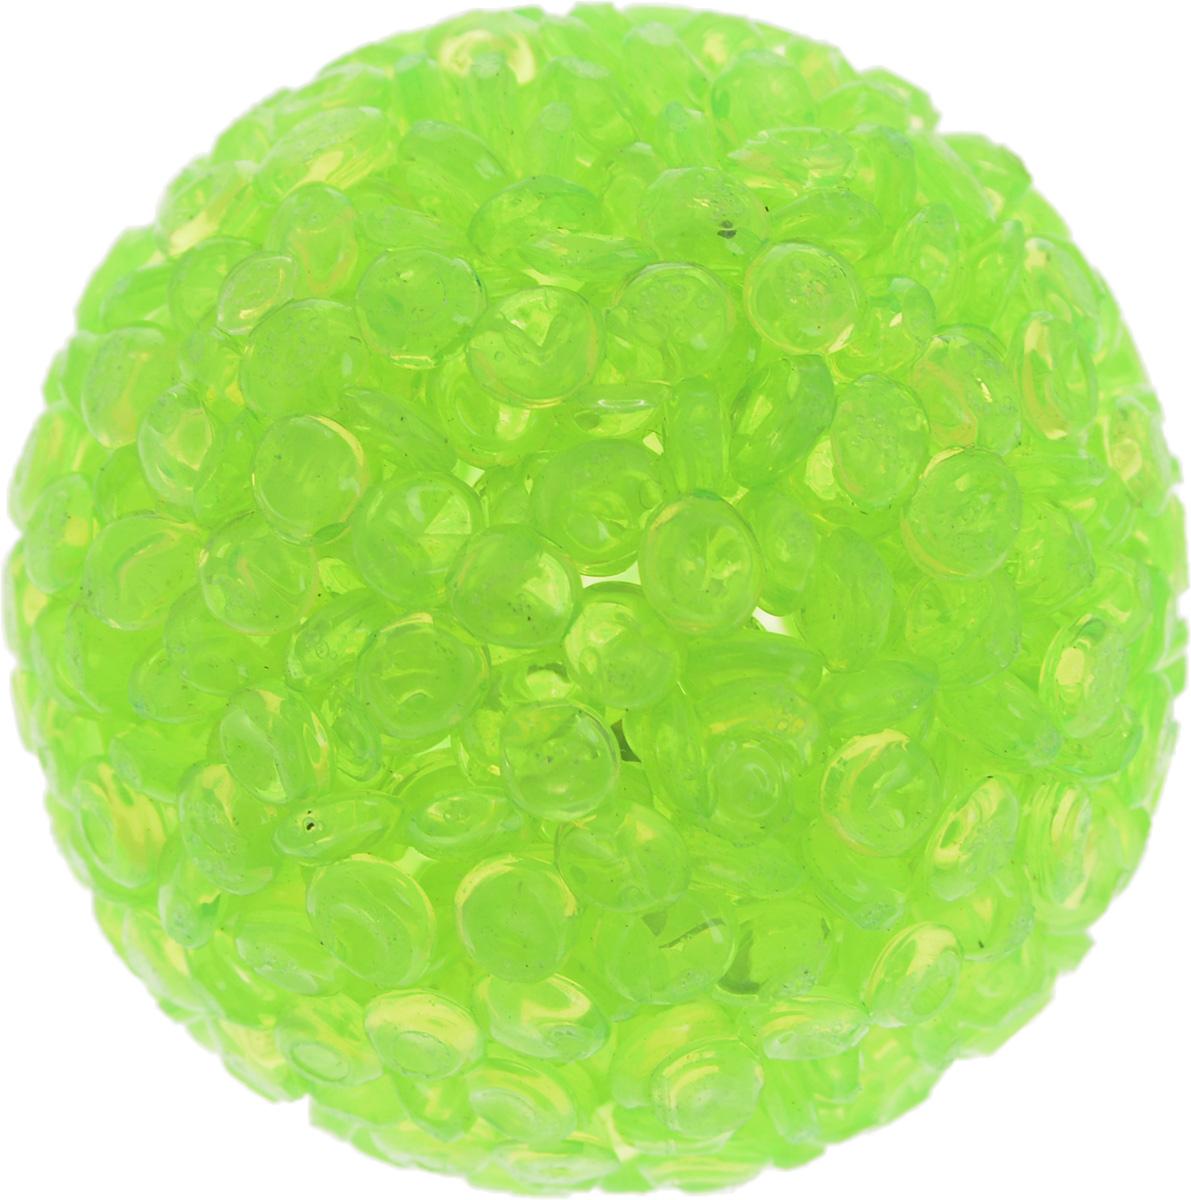 Игрушка для животных Каскад Мячик блестящий, цвет: салатовый, диаметр 4 см27799311Игрушка для животных Каскад Мячик блестящий изготовлена из высококачественной синтетики. Внутри изделия имеется небольшой бубенчик, который привлечет внимание питомца. Такая игрушка порадует вашего любимца, а вам доставит массу приятных эмоций, ведь наблюдать за игрой всегда интересно и приятно. Диаметр игрушки: 4 см.